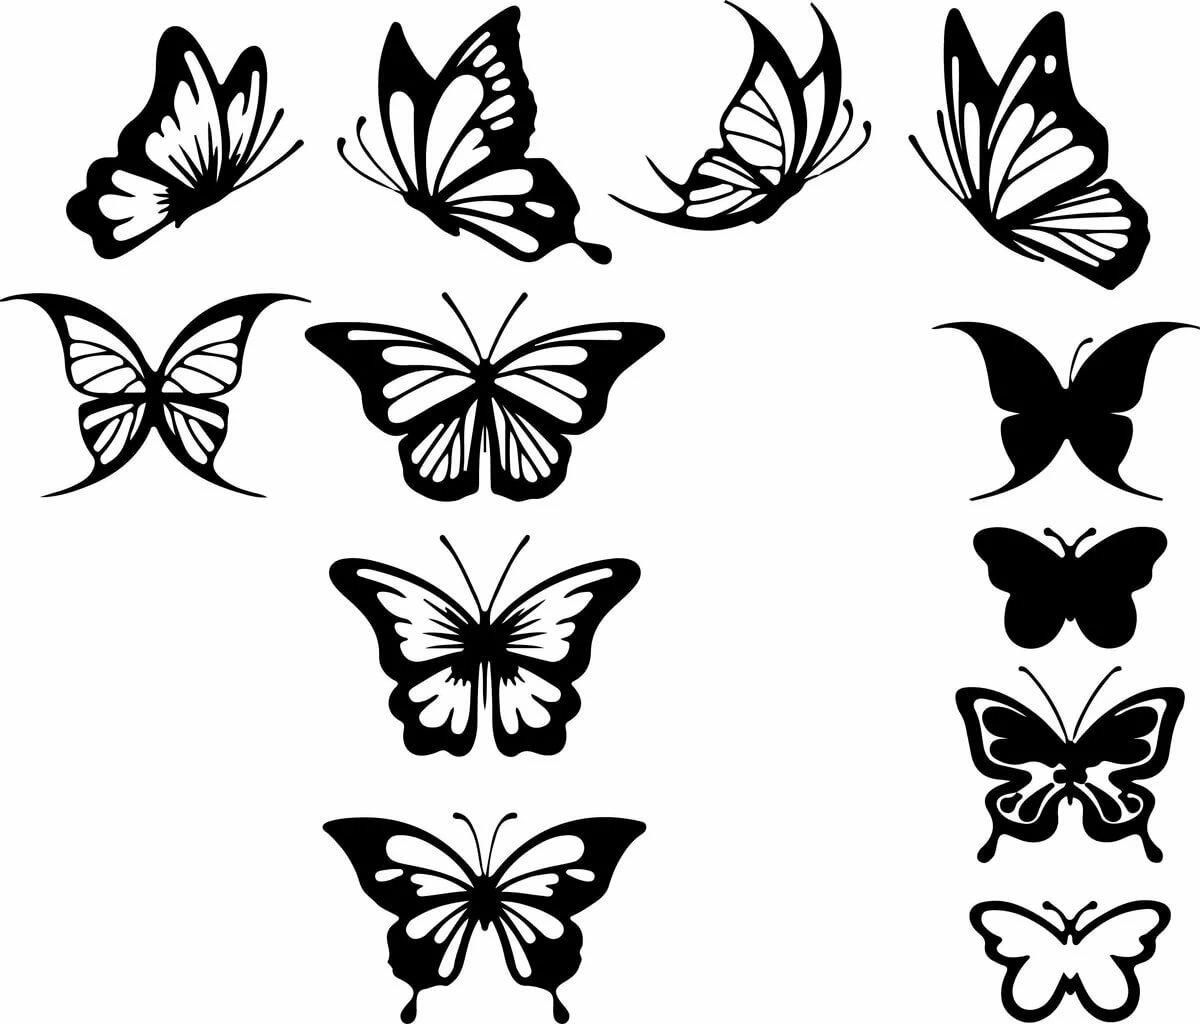 Красивые картинки для украшения комнаты распечатать, черно белые для